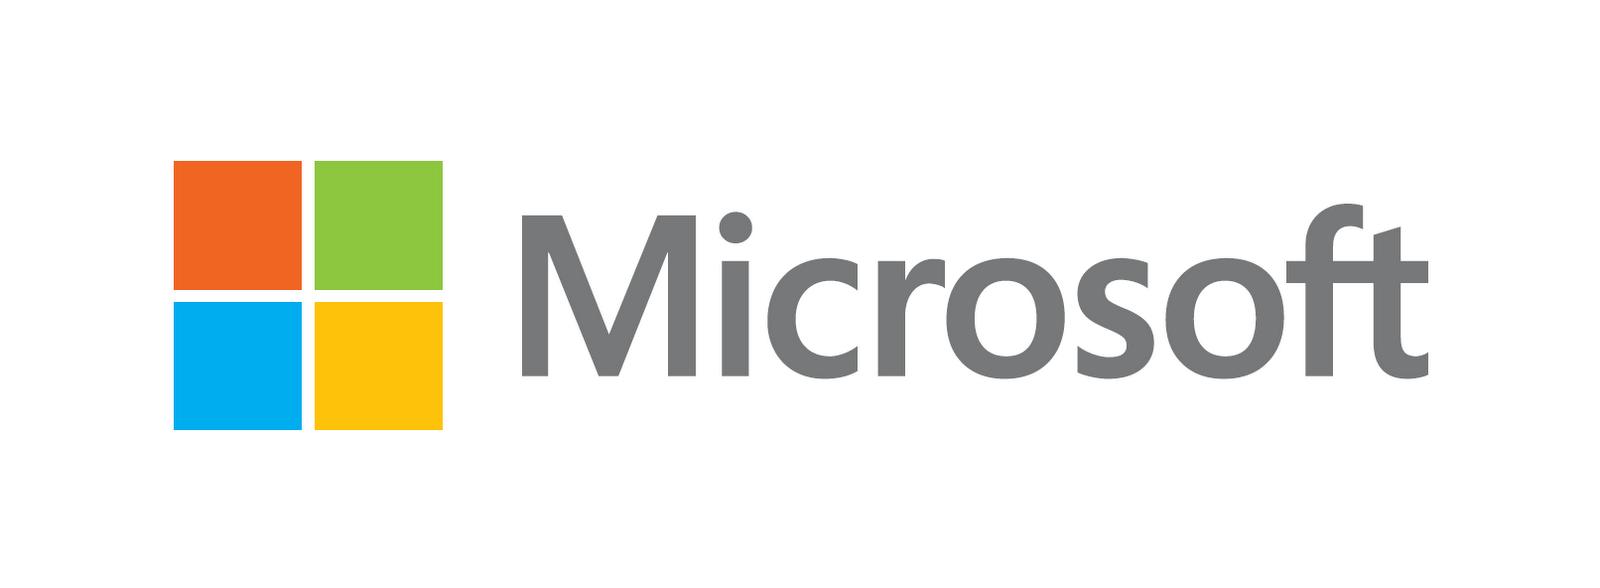 Microsoft White Logo Wallpaper